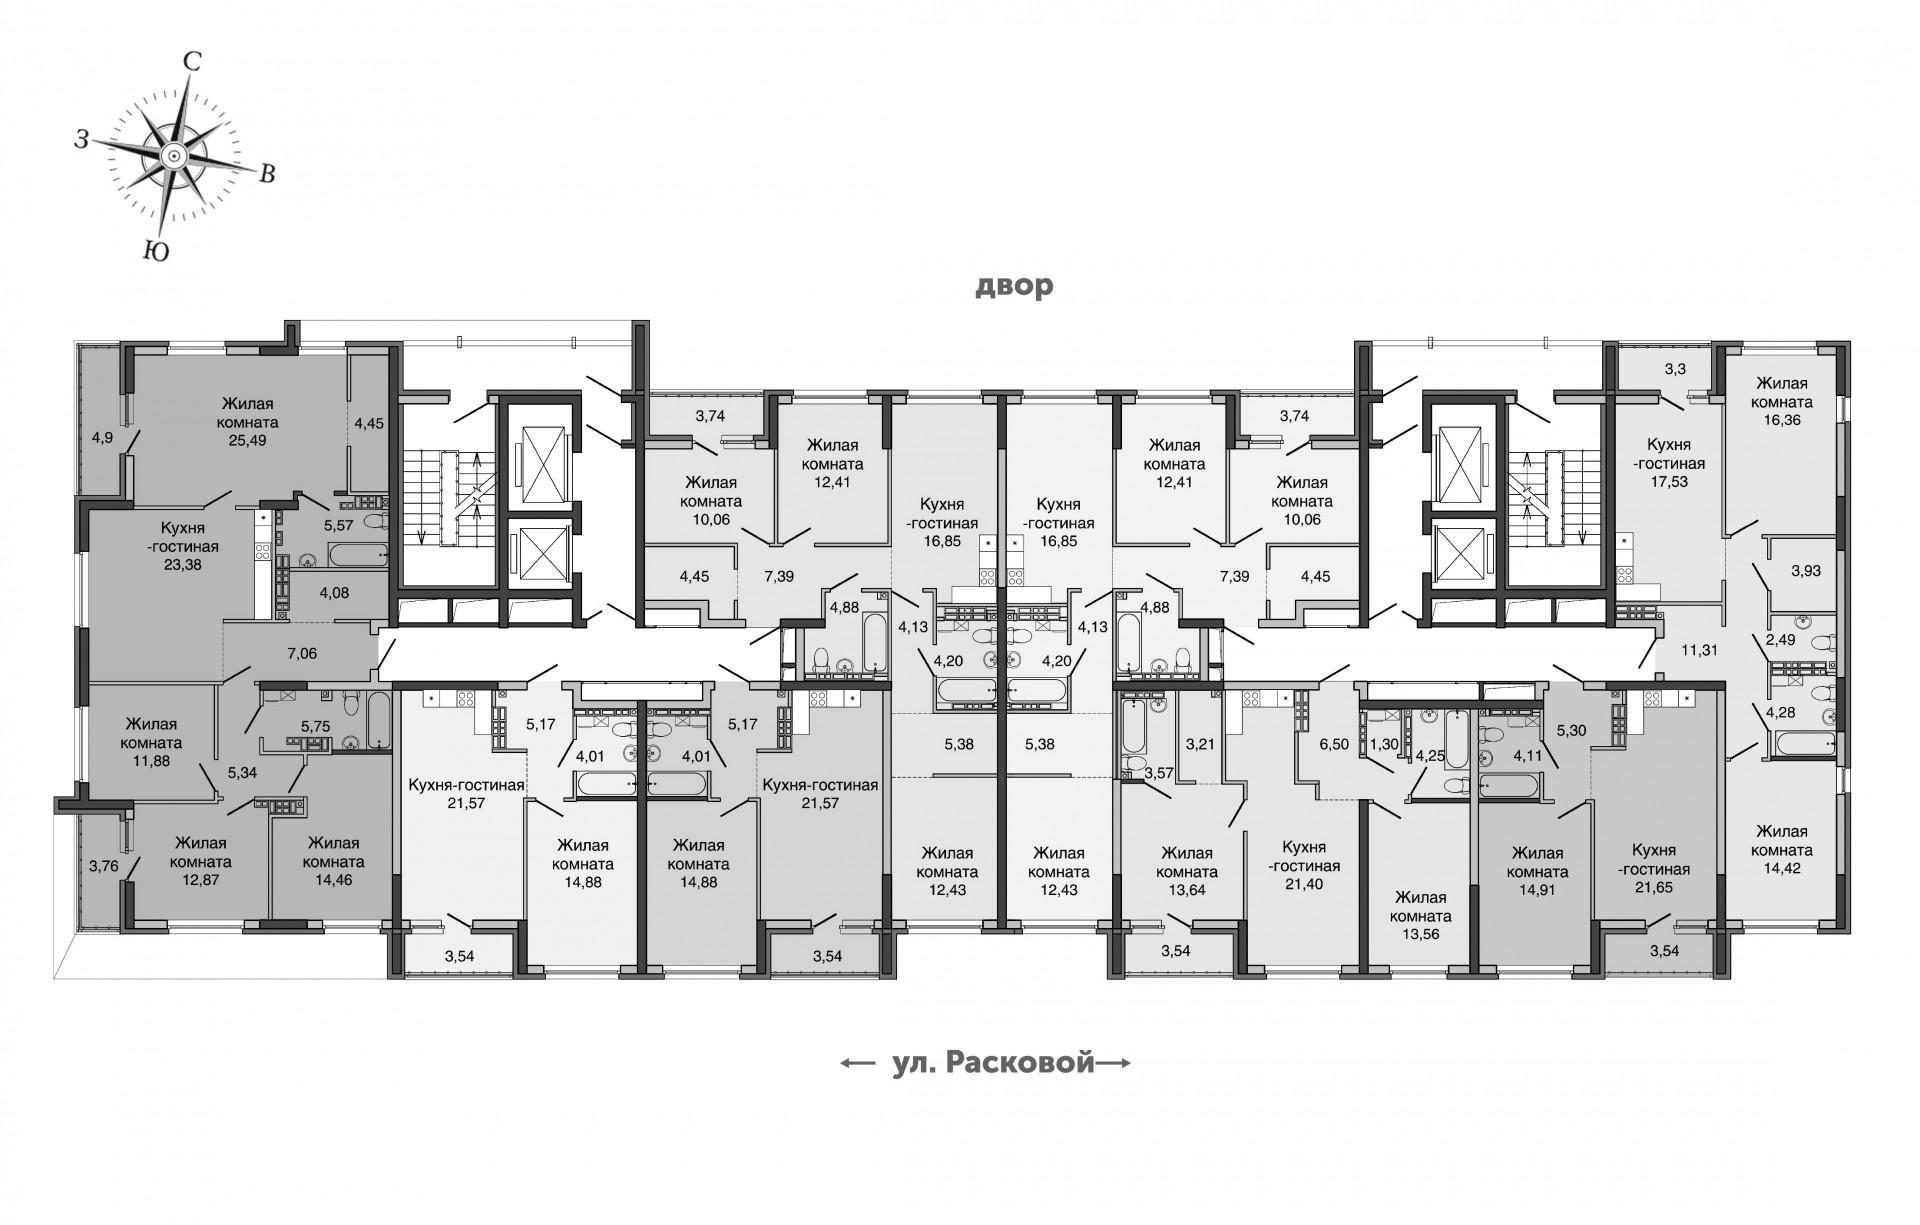 16-20 этаж